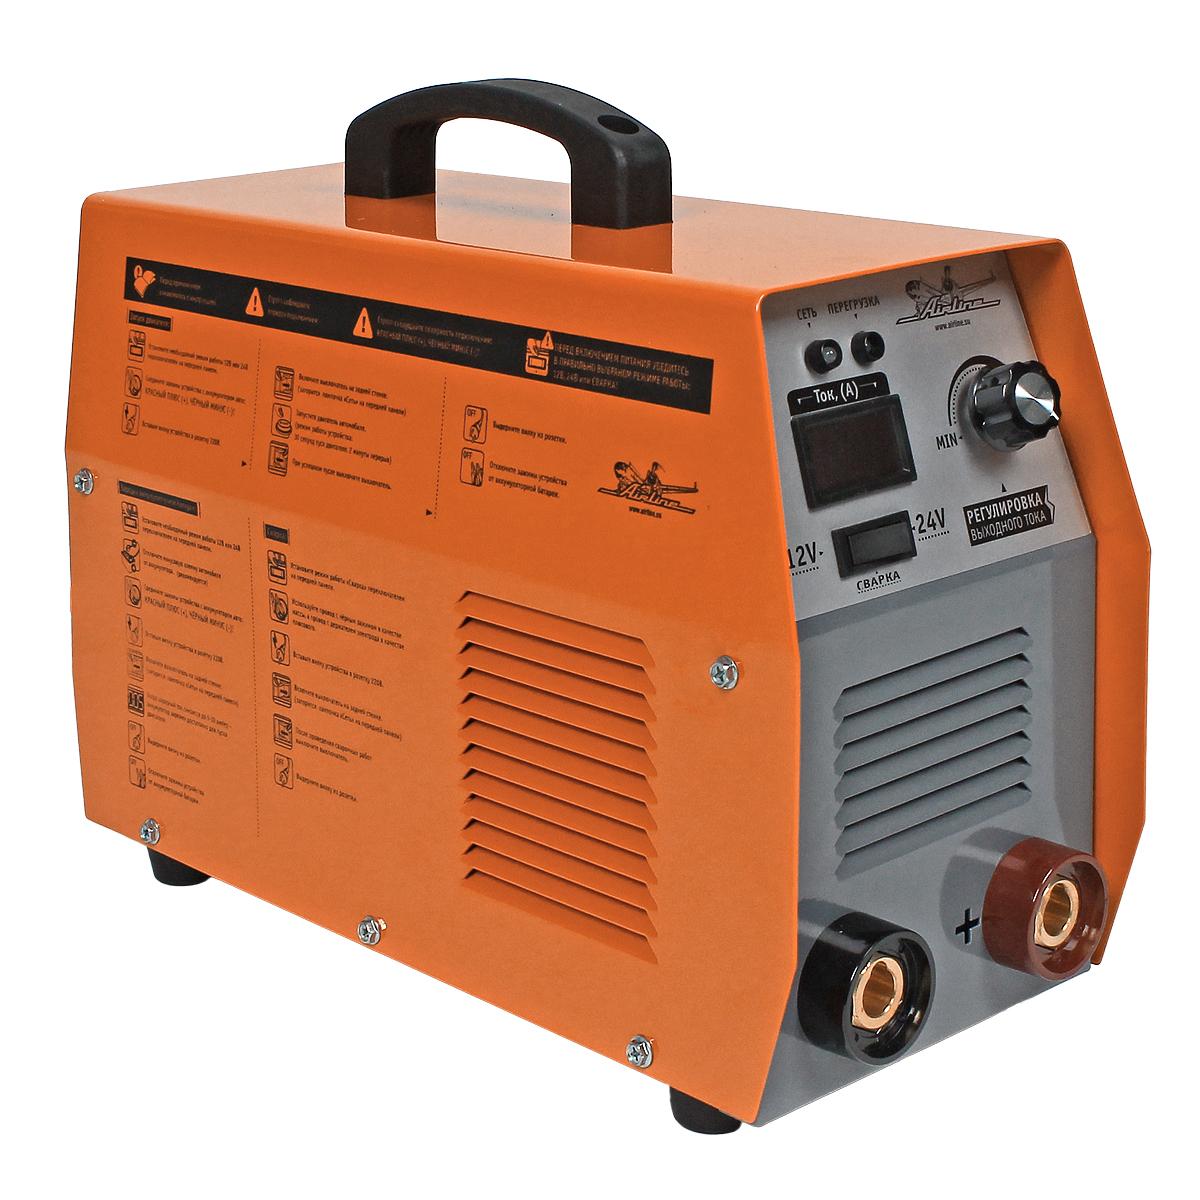 Пускозарядное устройство-сварочный аппарат Airline, цвет: оранжевый AJS-W-03